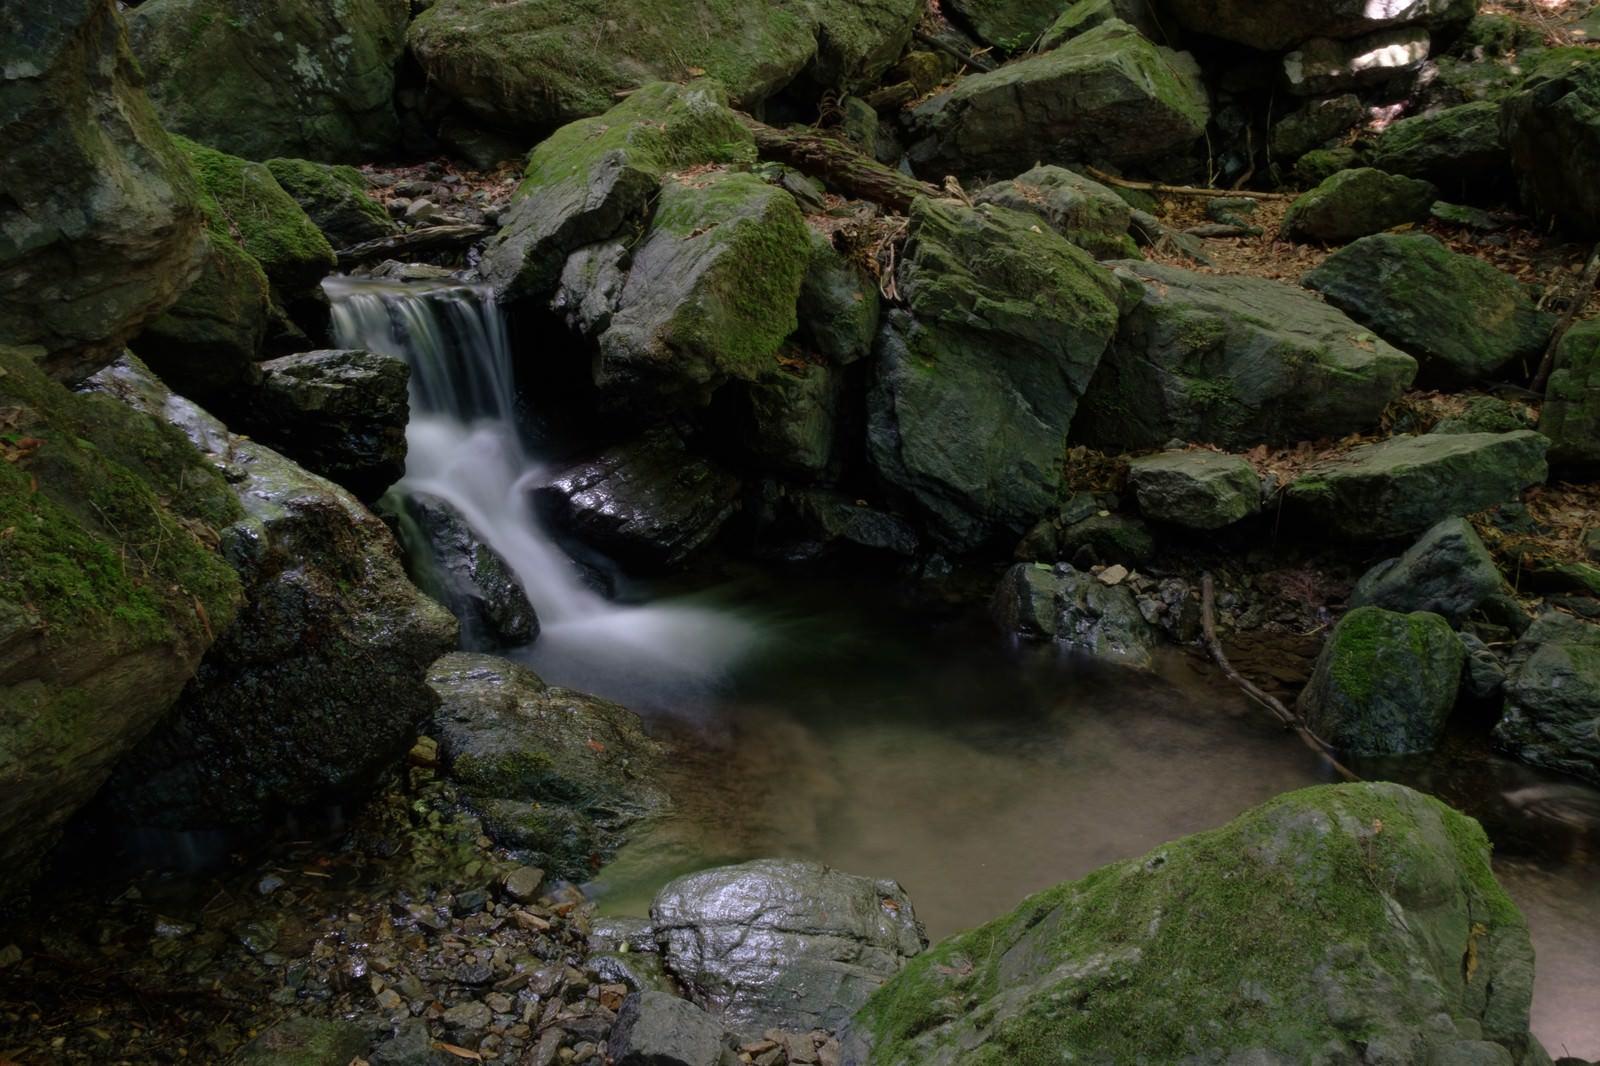 「岩場を流れる小川岩場を流れる小川」のフリー写真素材を拡大